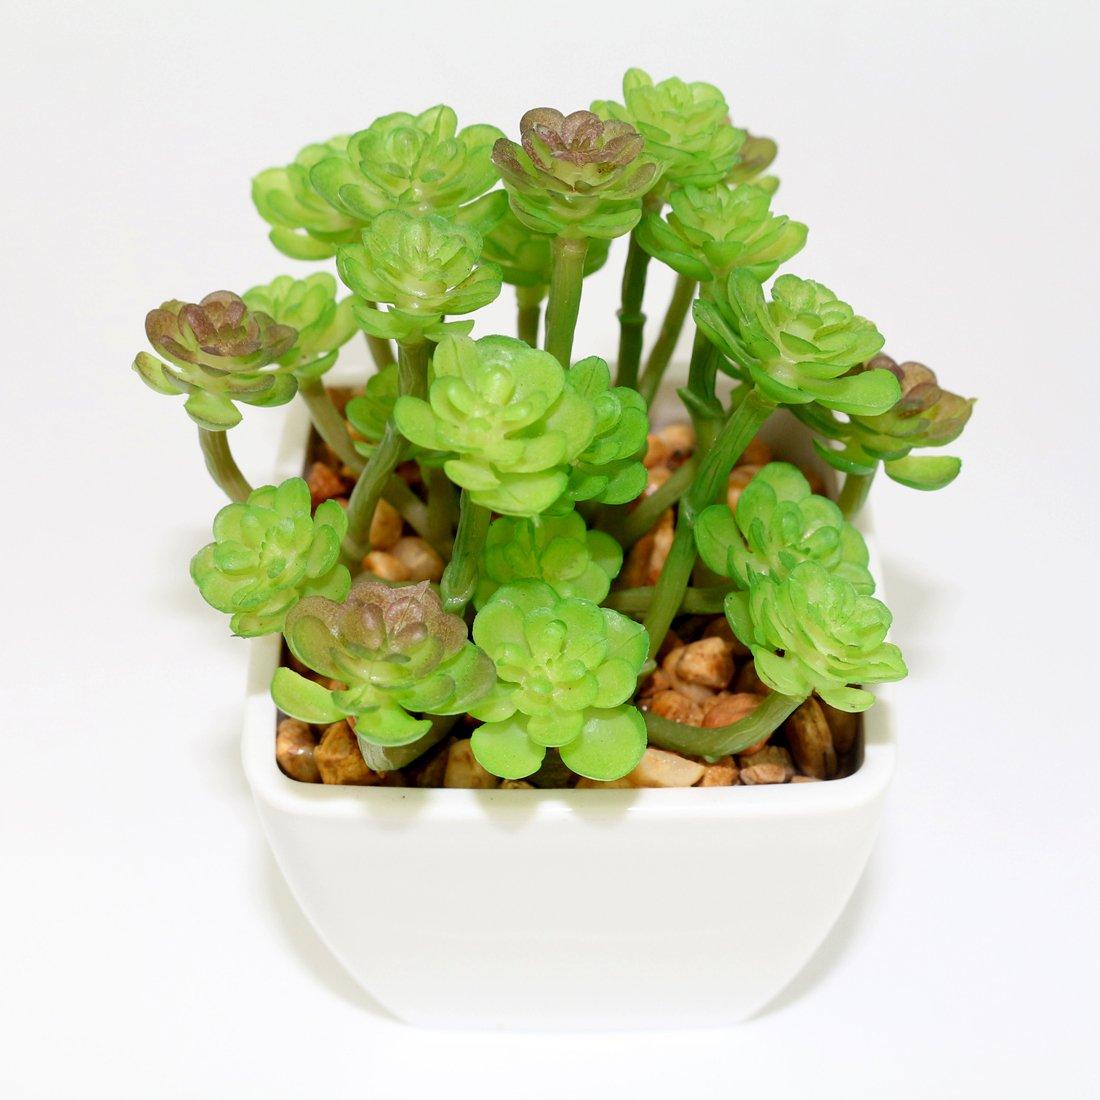 Resin Pots Myartte Artificial Succulent Plants Fake Succulents Mini Faux Plants for Home//Office Docor